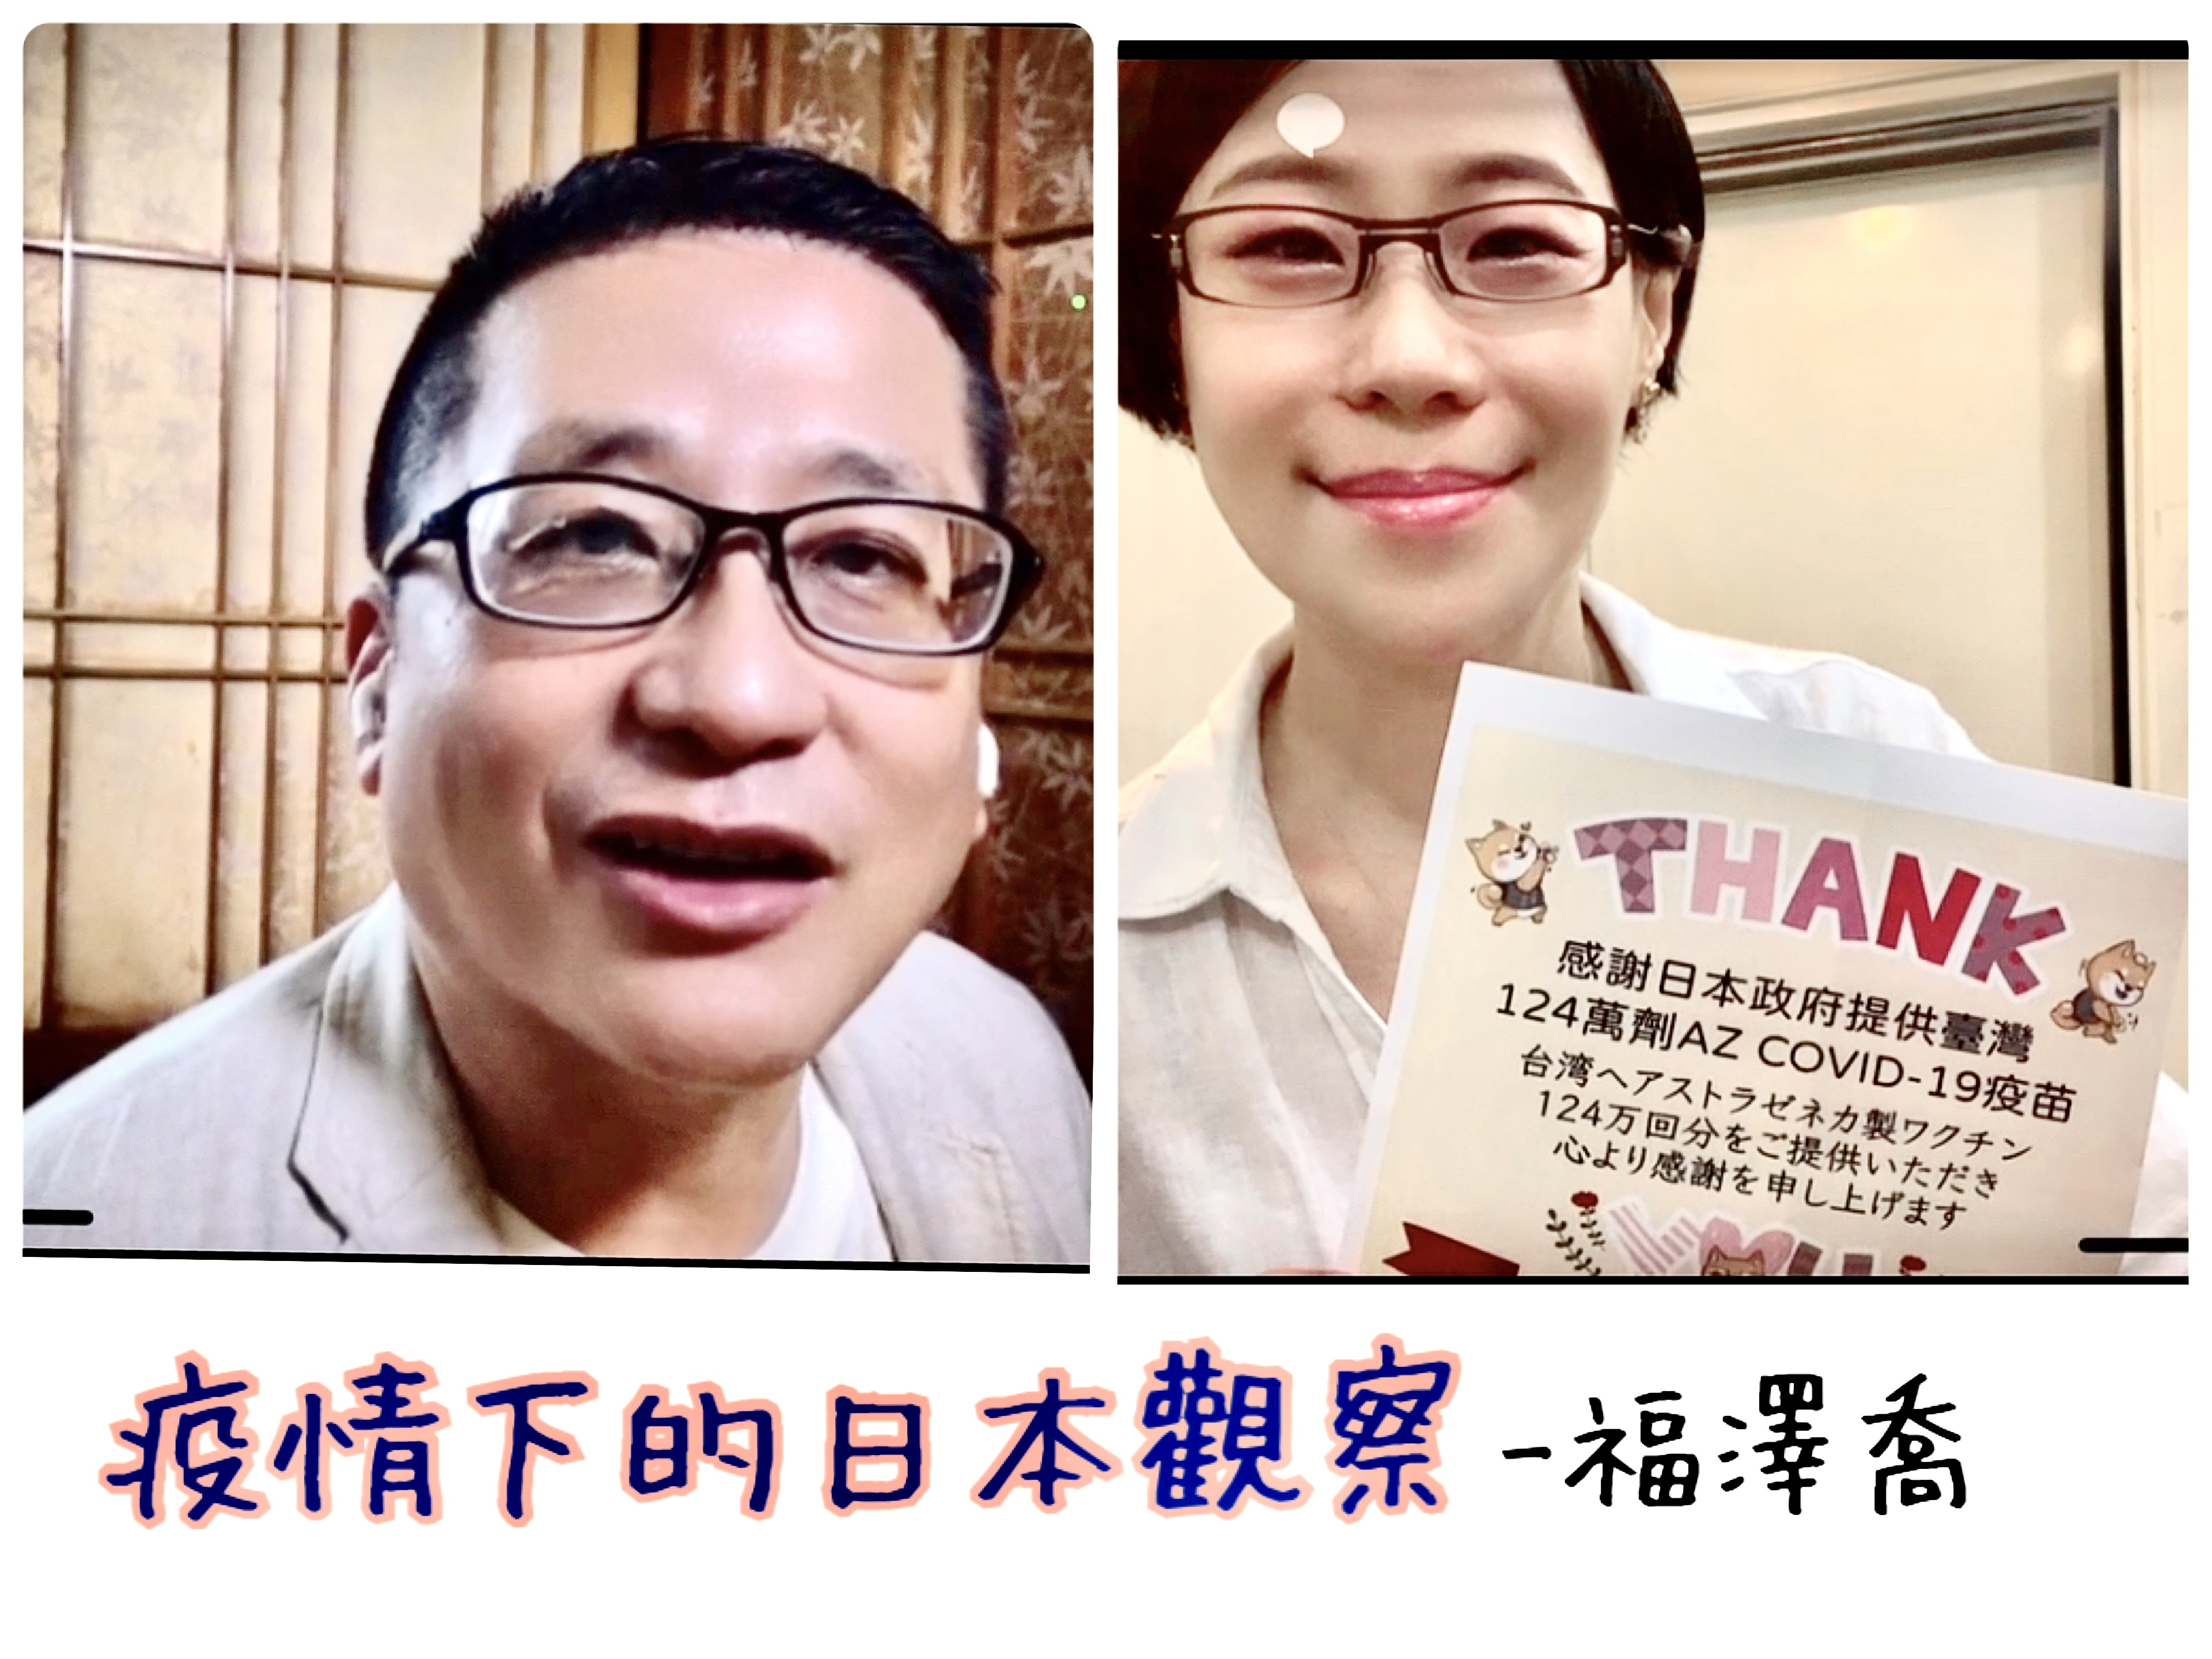 日本防疫經驗帶給台灣的省思